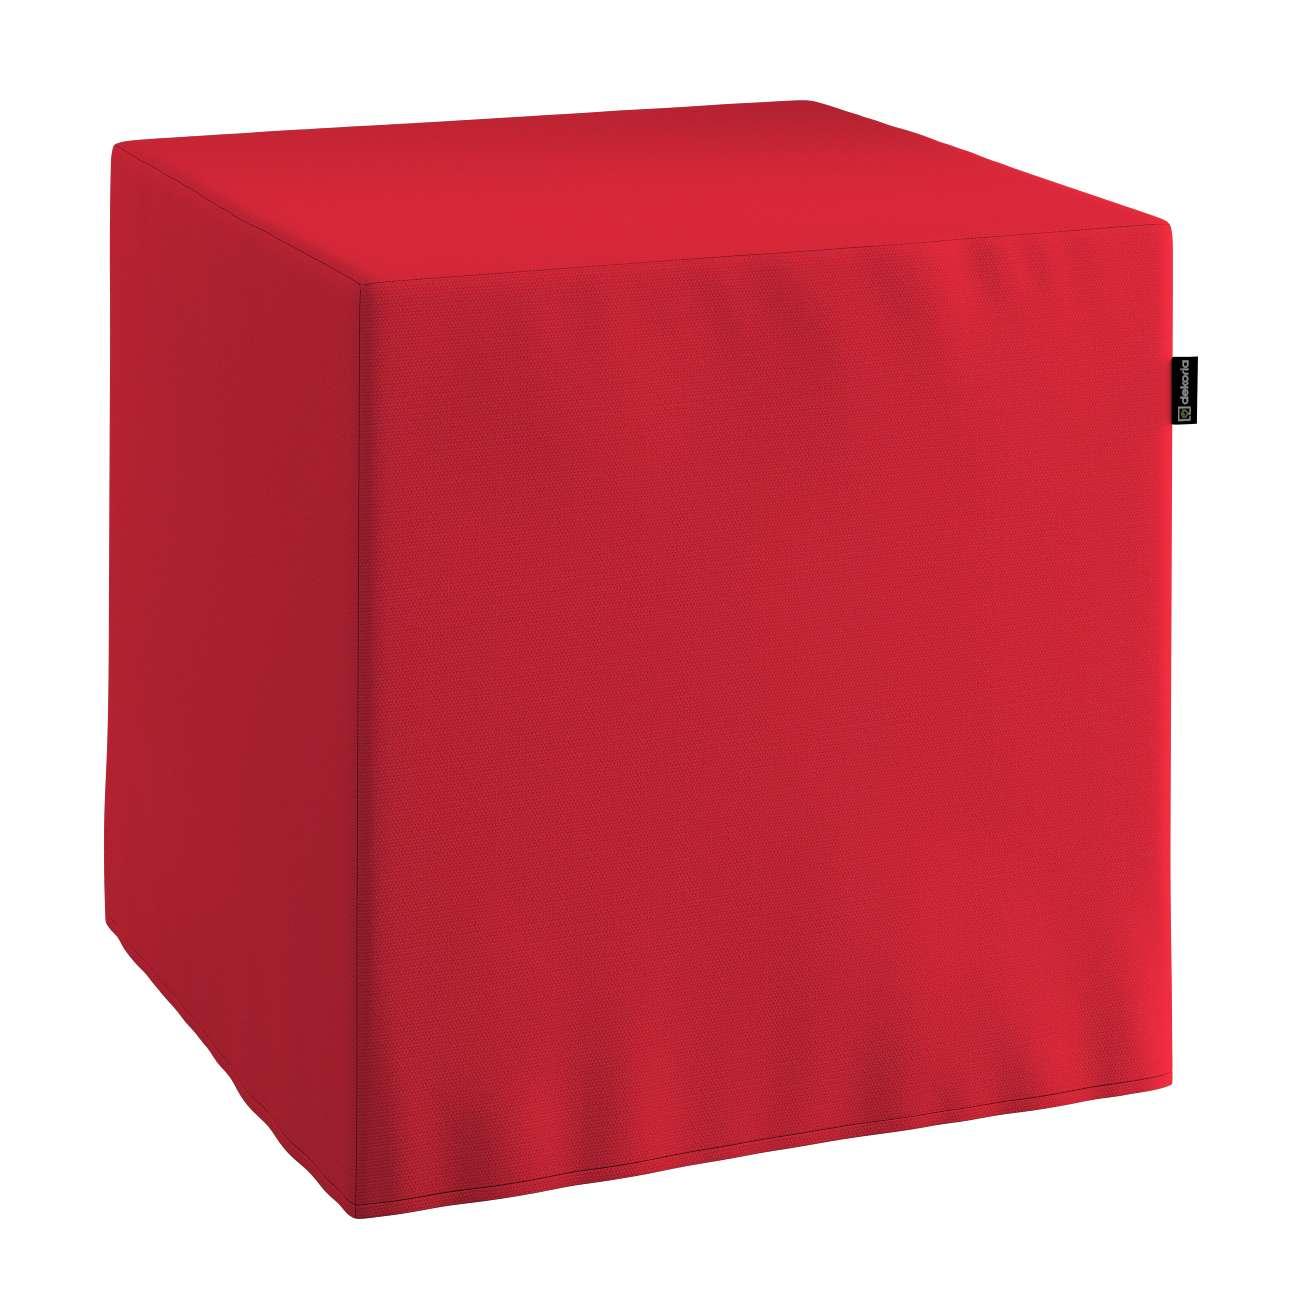 Harter Sitzwürfel, rot, 40 x 40 x 40 cm, Cotton Panama | Wohnzimmer > Hocker & Poufs > Sitzwürfel | Dekoria